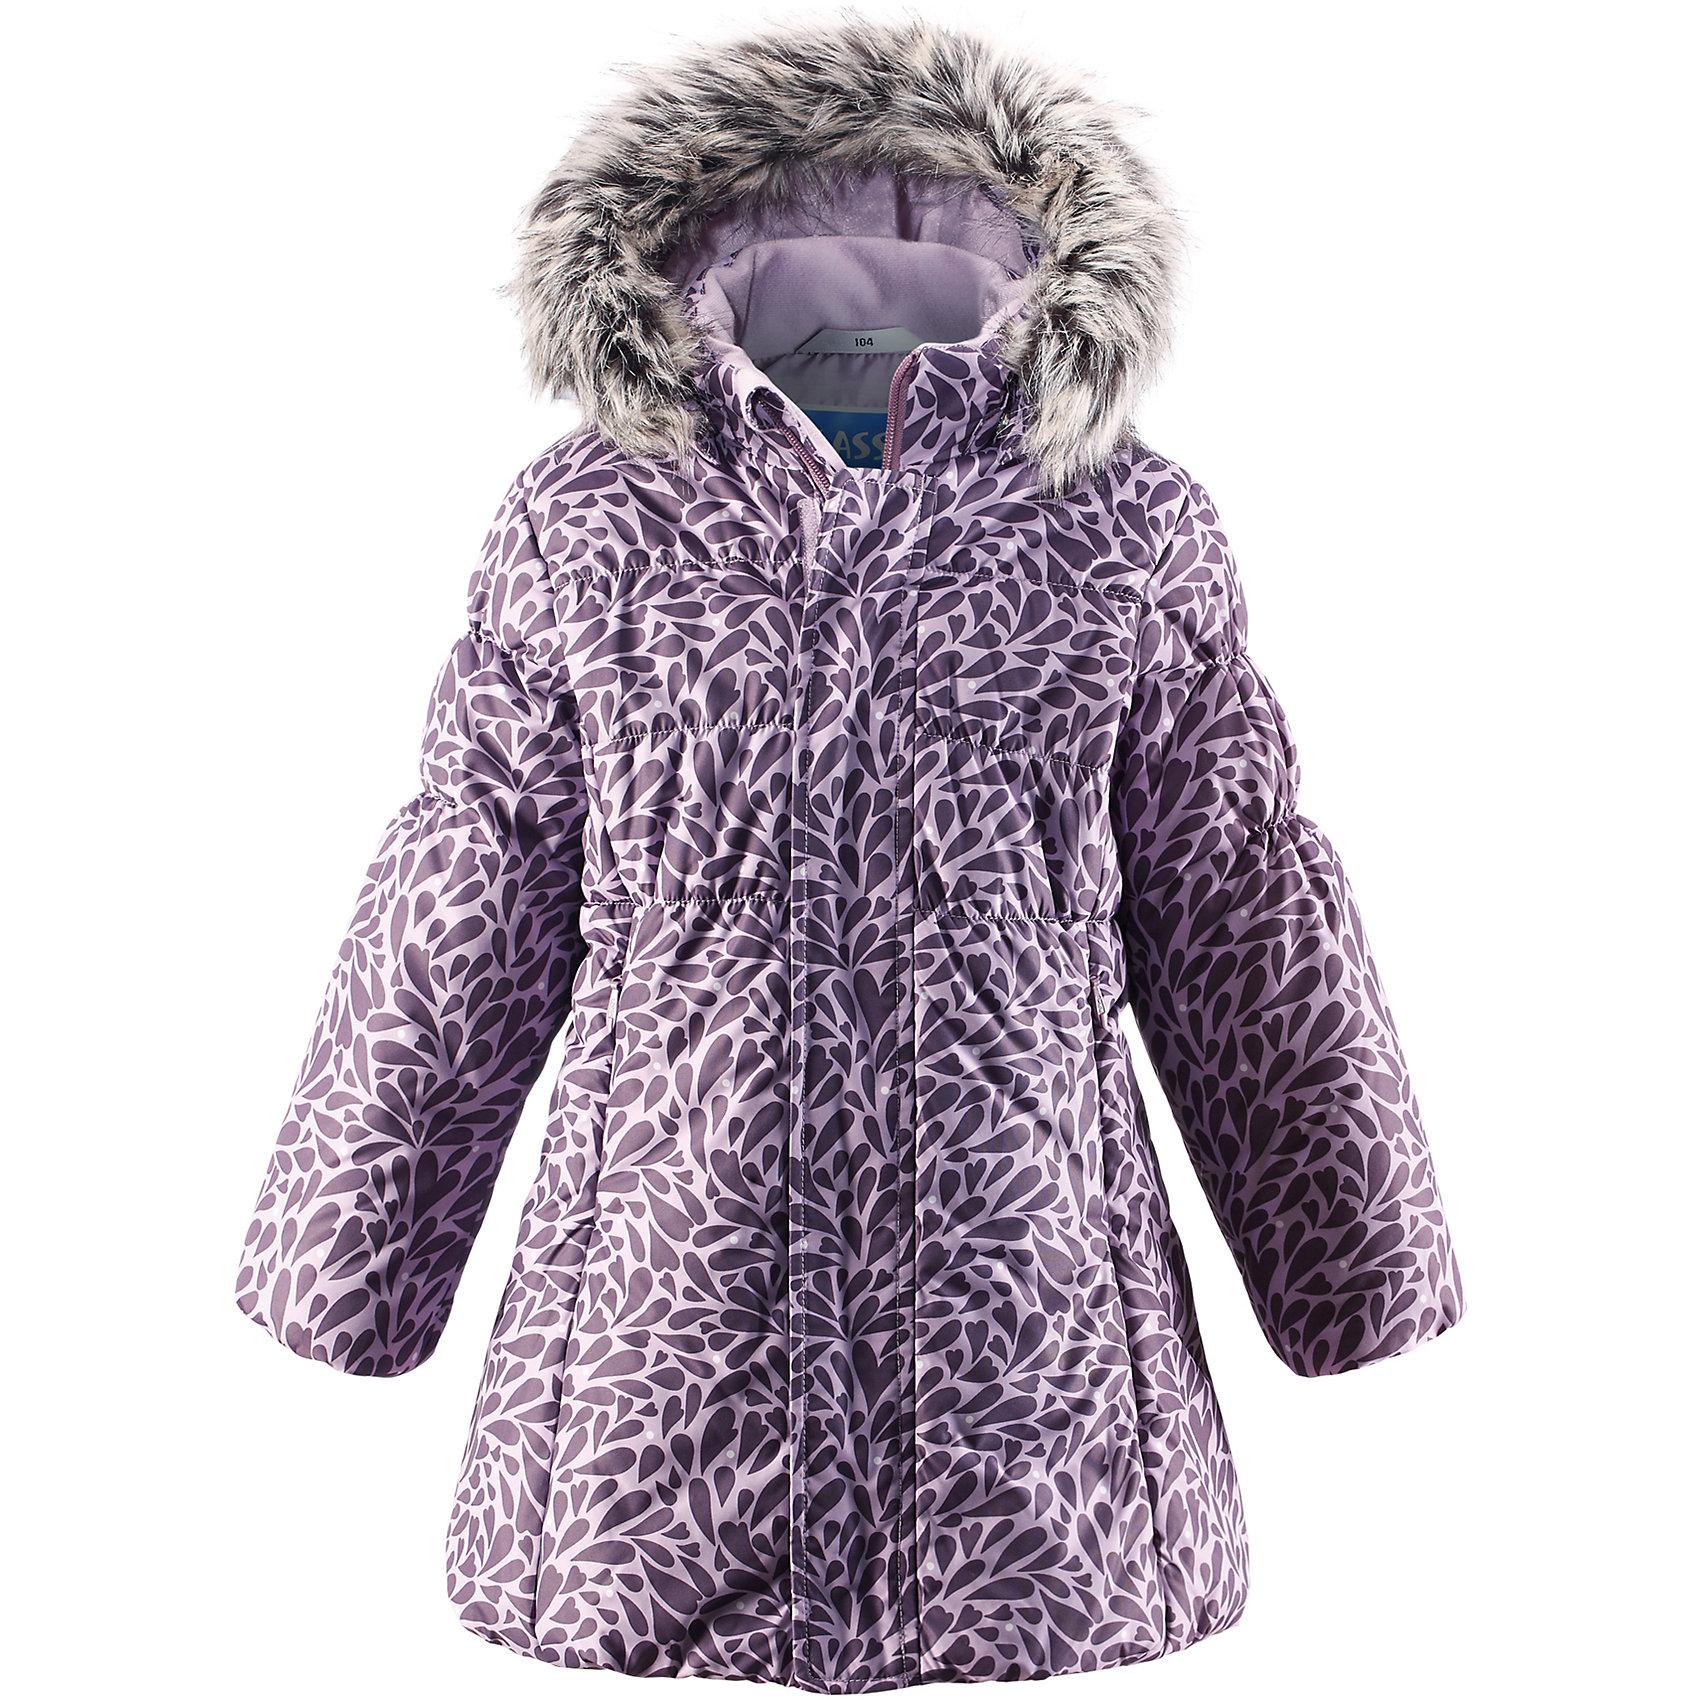 Пальто LASSIEОдежда<br>Зимнее пальто для детей известной финской марки.<br><br>- Водоотталкивающий, ветронепроницаемый, «дышащий» и грязеотталкивающий материал.<br>- Крой для девочек. <br>- Гладкая подкладка из полиэстра.<br>- Средняя степень утепления. <br>- Безопасный съемный капюшон с отсоединяемой меховой каймой из искусственного меха.<br>- Эластичные манжеты. <br>- Регулируемый обхват талии. <br>- Карманы с клапанами.  <br><br>Рекомендации по уходу: Стирать по отдельности, вывернув наизнанку. Перед стиркой отстегните искусственный мех. Застегнуть молнии и липучки. Соблюдать температуру в соответствии с руководством по уходу. Стирать моющим средством, не содержащим отбеливающие вещества. Полоскать без специального средства. Сушение в сушильном шкафу разрешено при  низкой температуре.<br><br>Состав: 100% Полиамид, полиуретановое покрытие.  Утеплитель «Lassie wadding» 200гр.<br><br>Ширина мм: 356<br>Глубина мм: 10<br>Высота мм: 245<br>Вес г: 519<br>Цвет: фиолетовый<br>Возраст от месяцев: 60<br>Возраст до месяцев: 72<br>Пол: Женский<br>Возраст: Детский<br>Размер: 116,128,134,140,122,110,104,98,92<br>SKU: 4782388